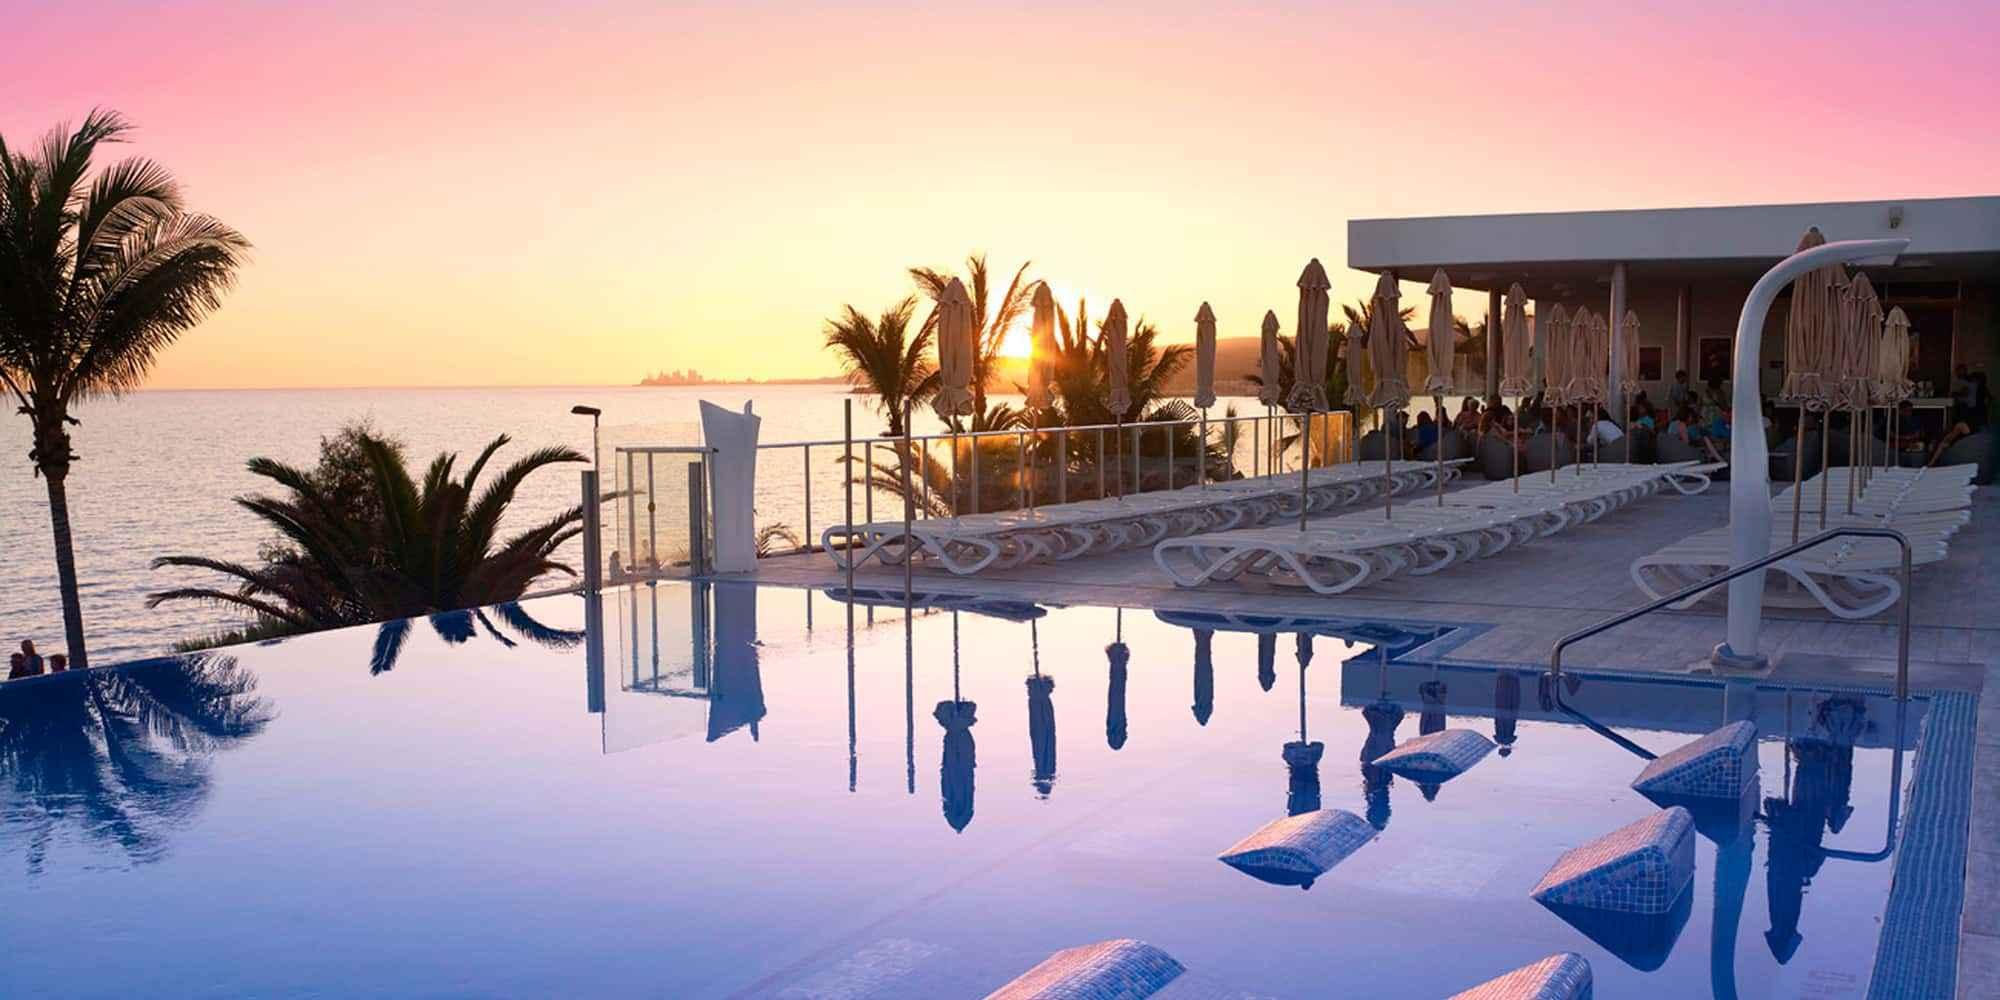 Hotel Riu Gran Canaria | All Inclusive Hotel Dunas de Maspalomas